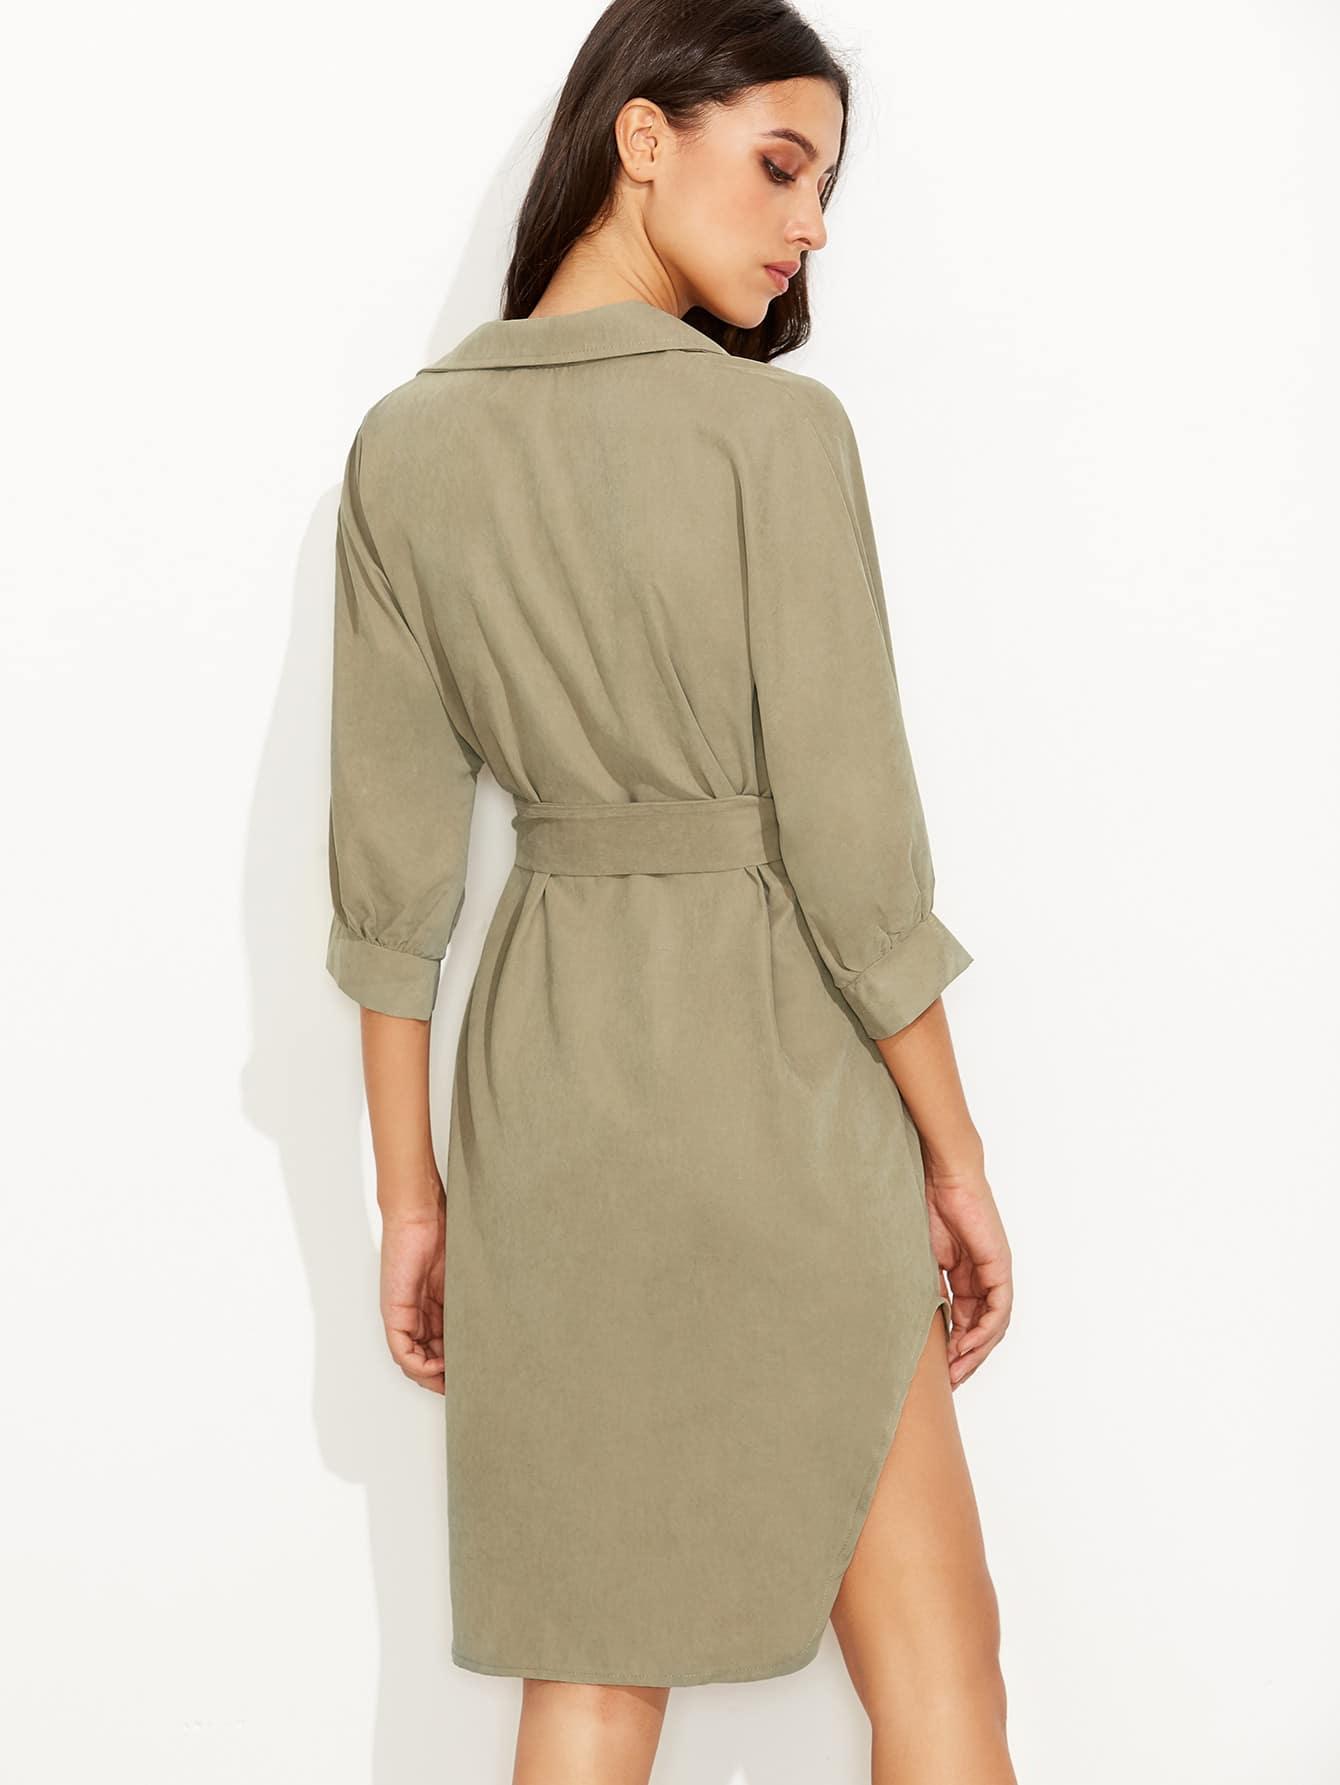 dress160812301_2